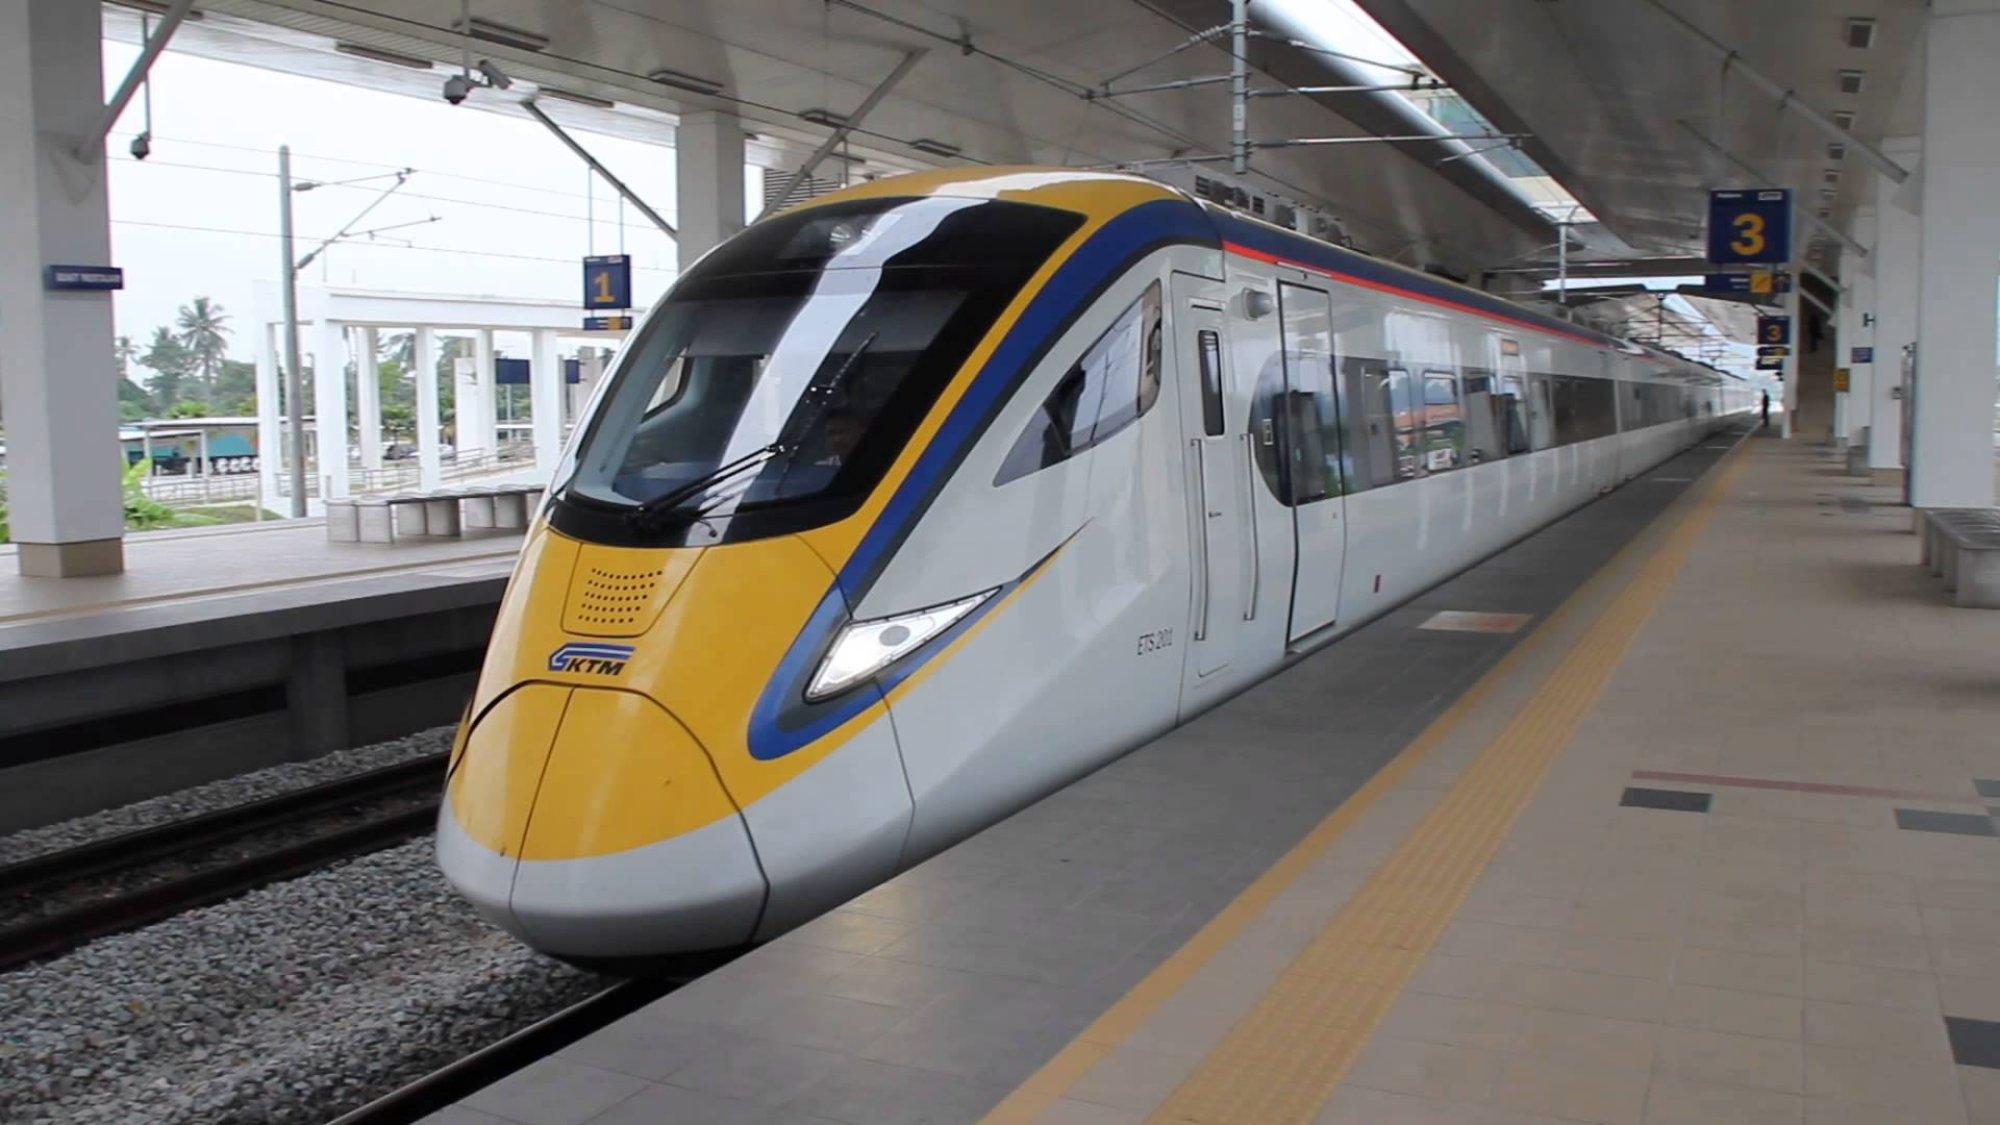 KTM Train